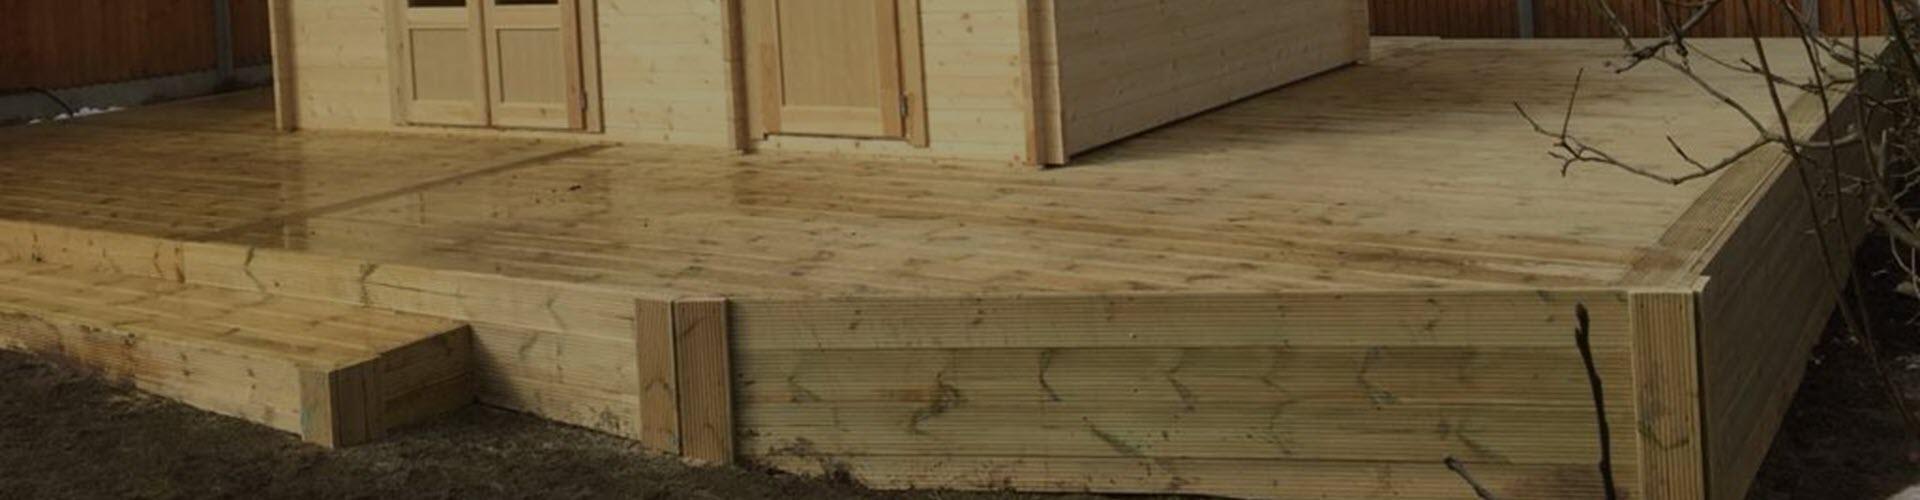 Log Cabin Decking - Log Cabin Veranda Decking